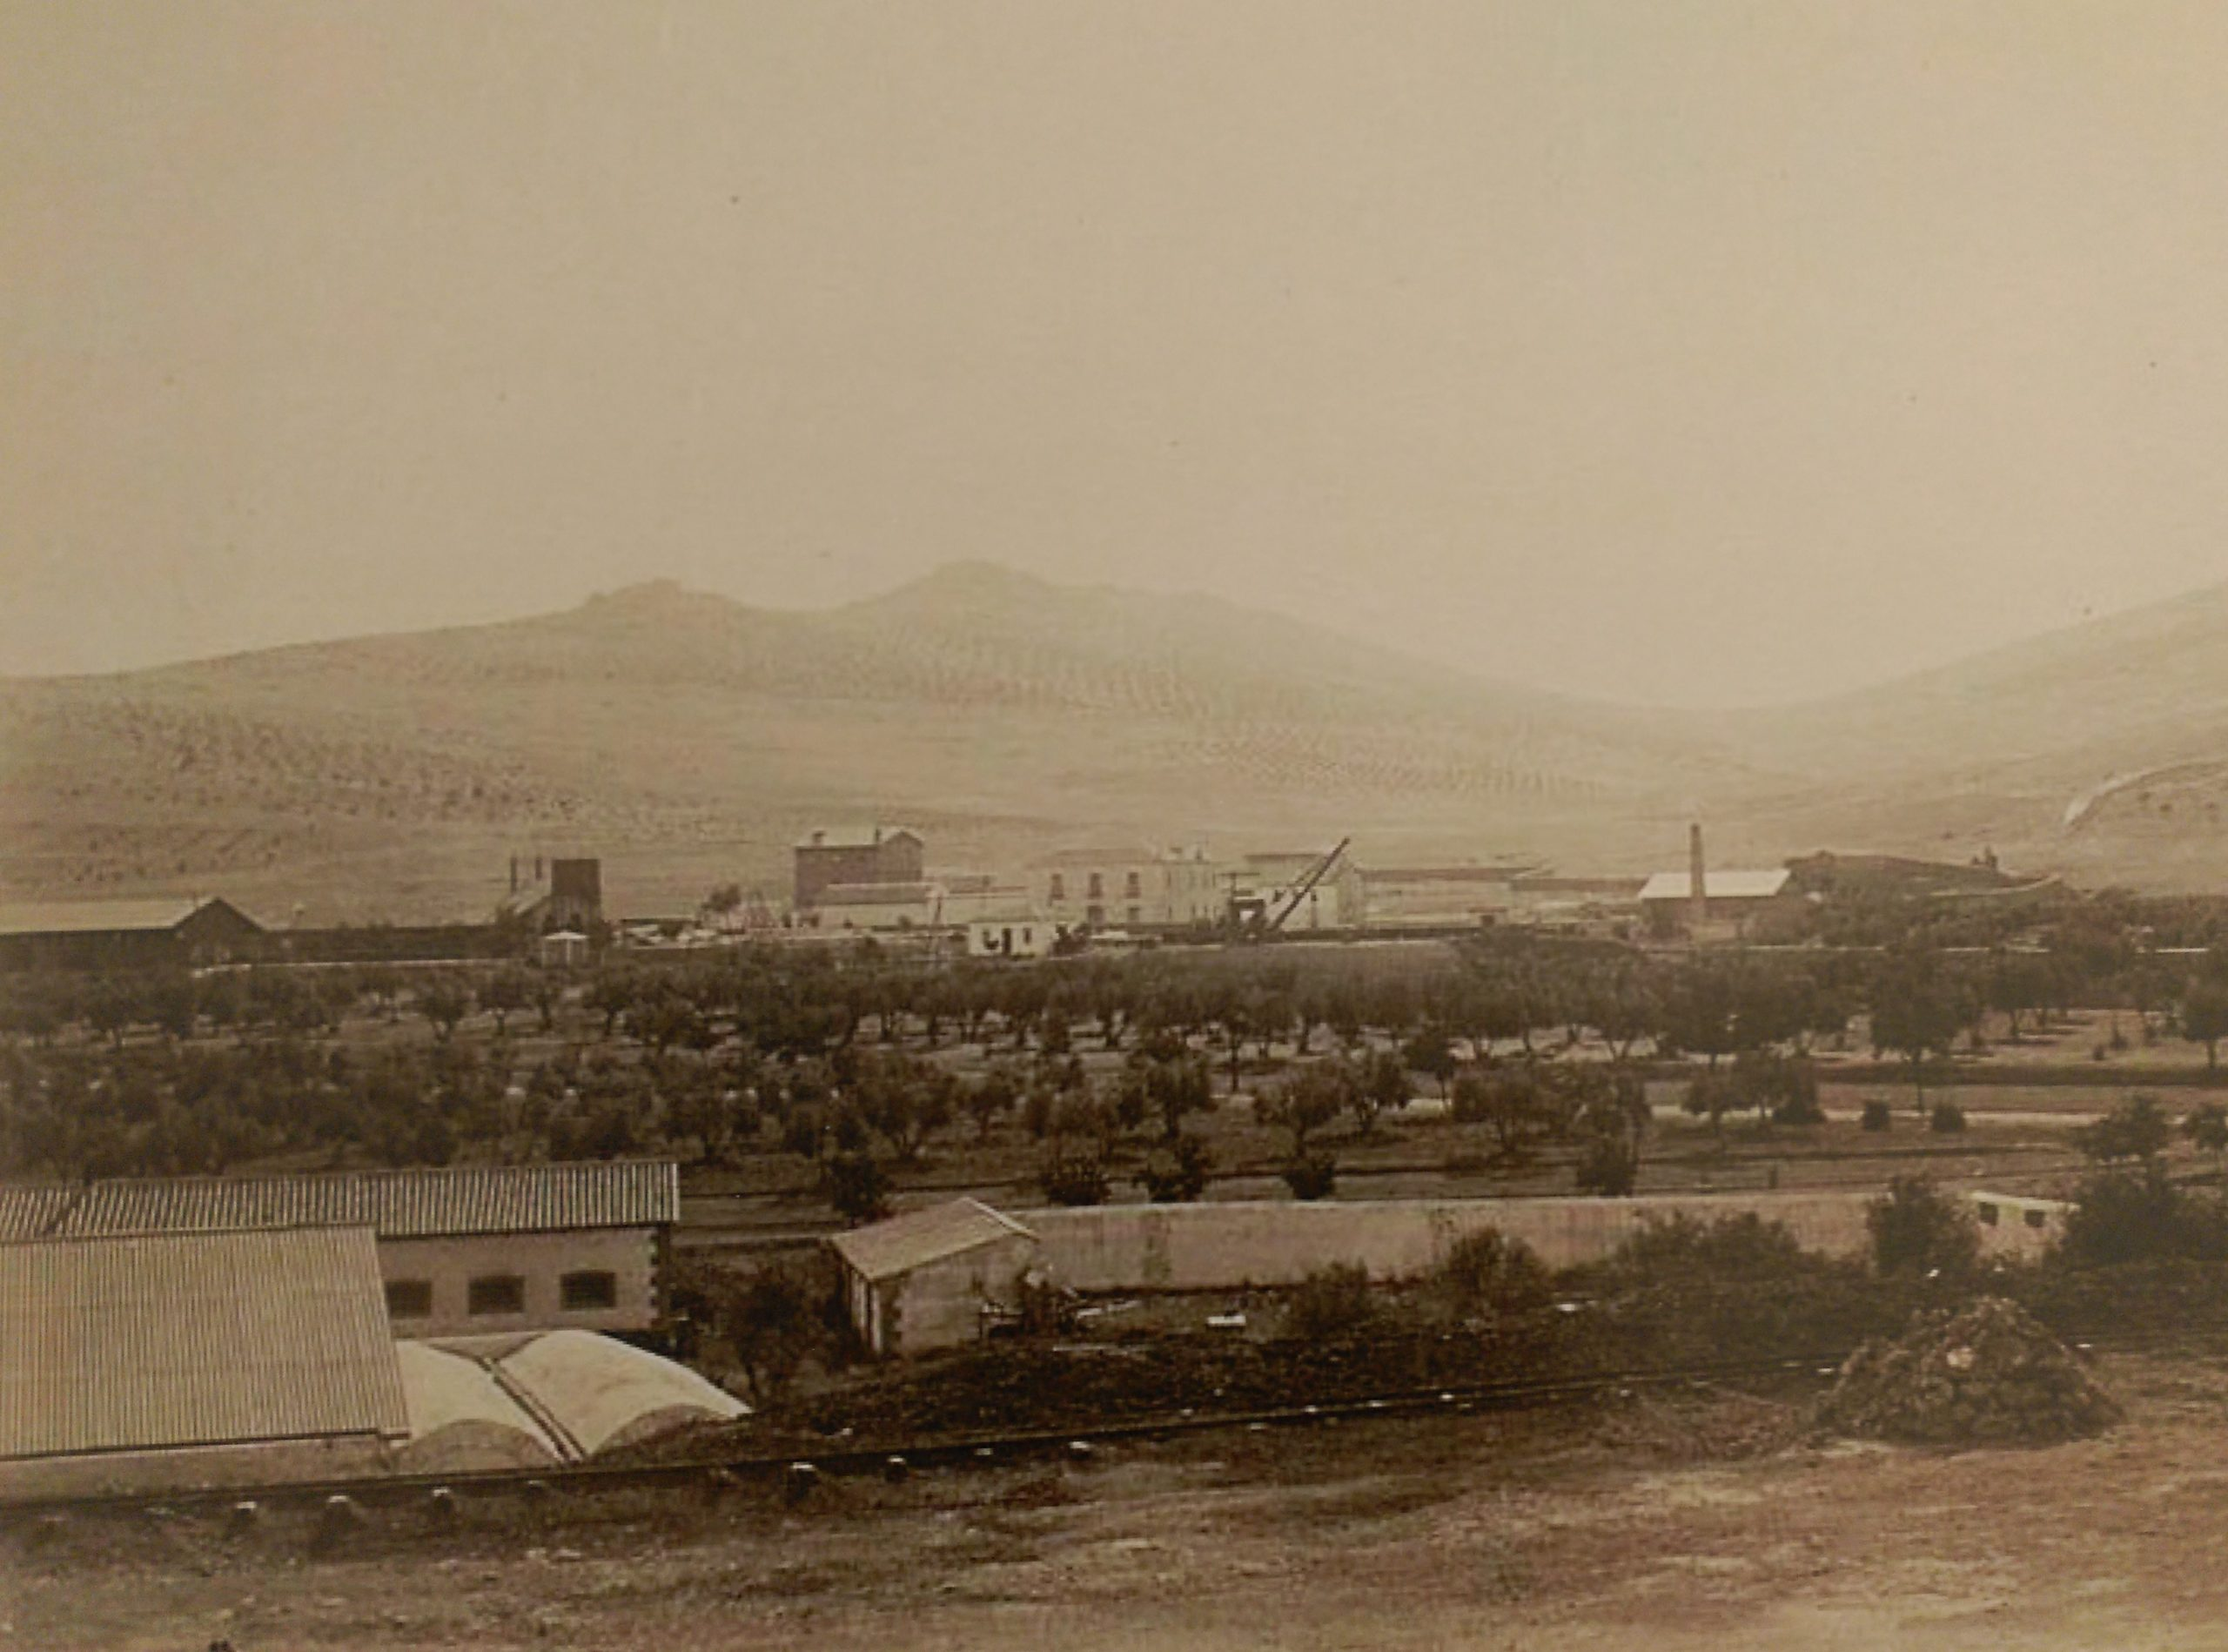 Vista general de Puertollano a finales del S. XIX. Archivo Histórico Nacional de Madrid